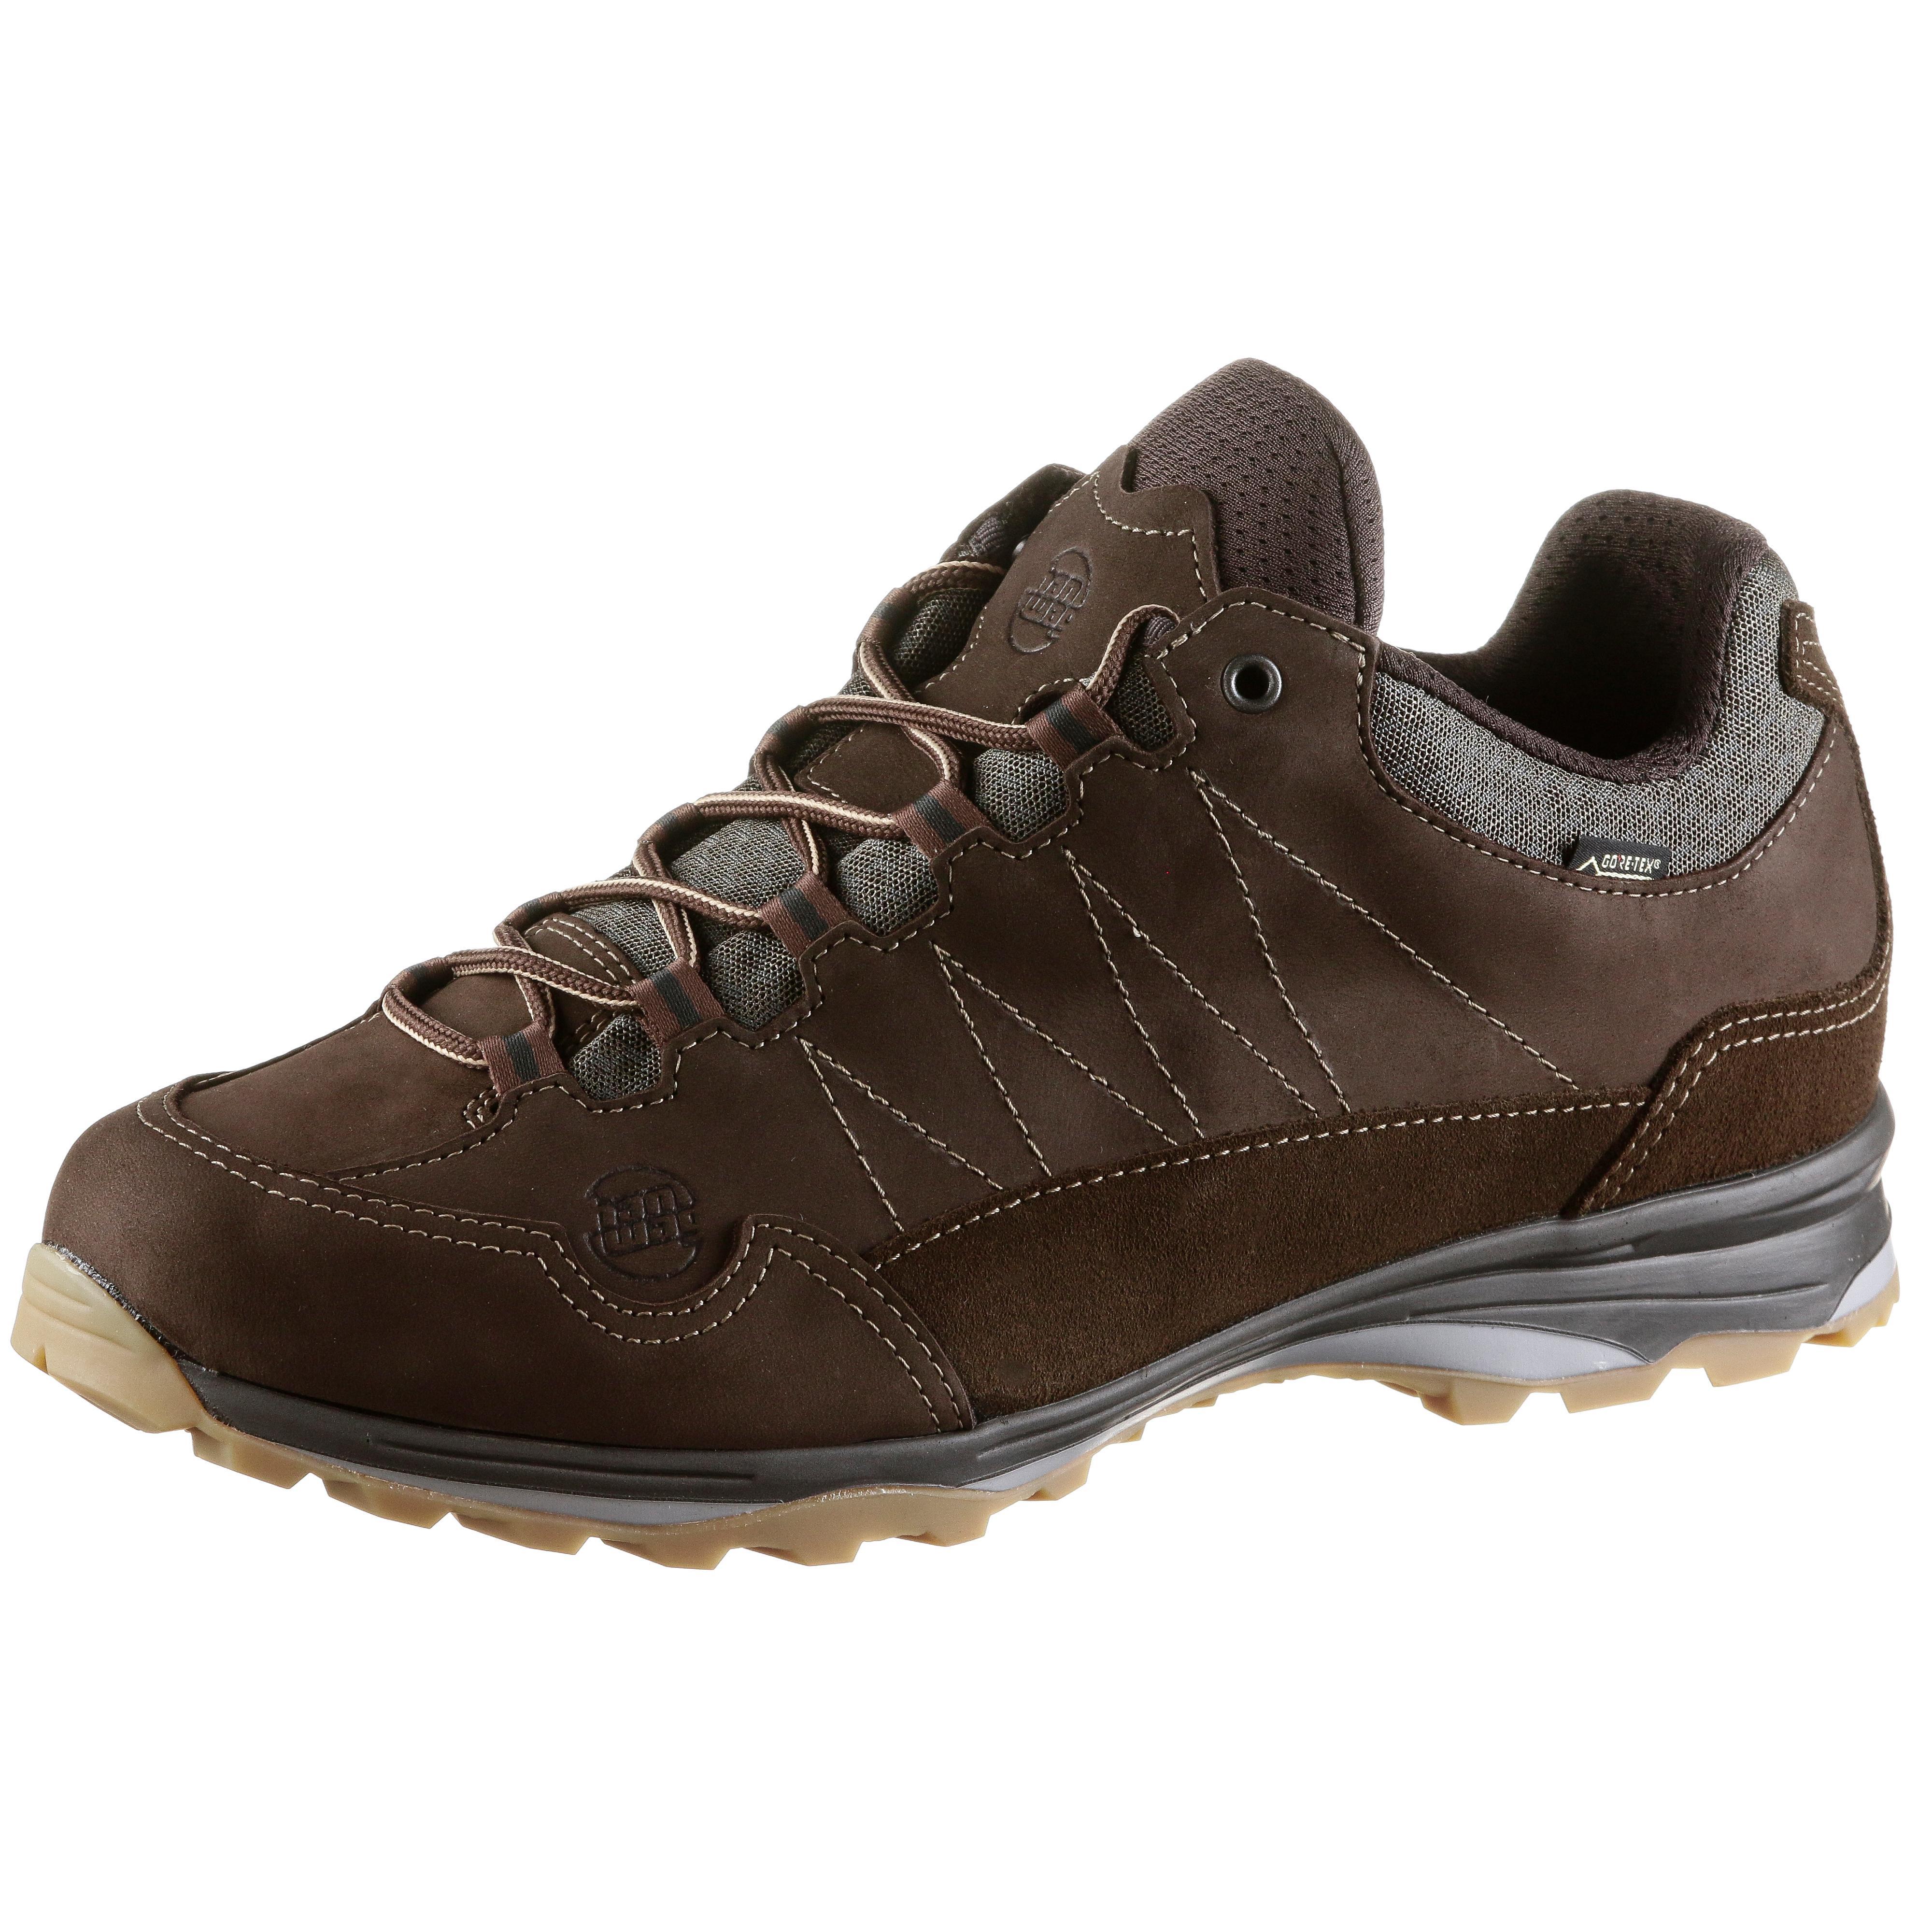 Hanwag Robin Light GTX braun Wanderschuhe Herren braun GTX im Online Shop von SportScheck kaufen Gute Qualität beliebte Schuhe a7a4f0